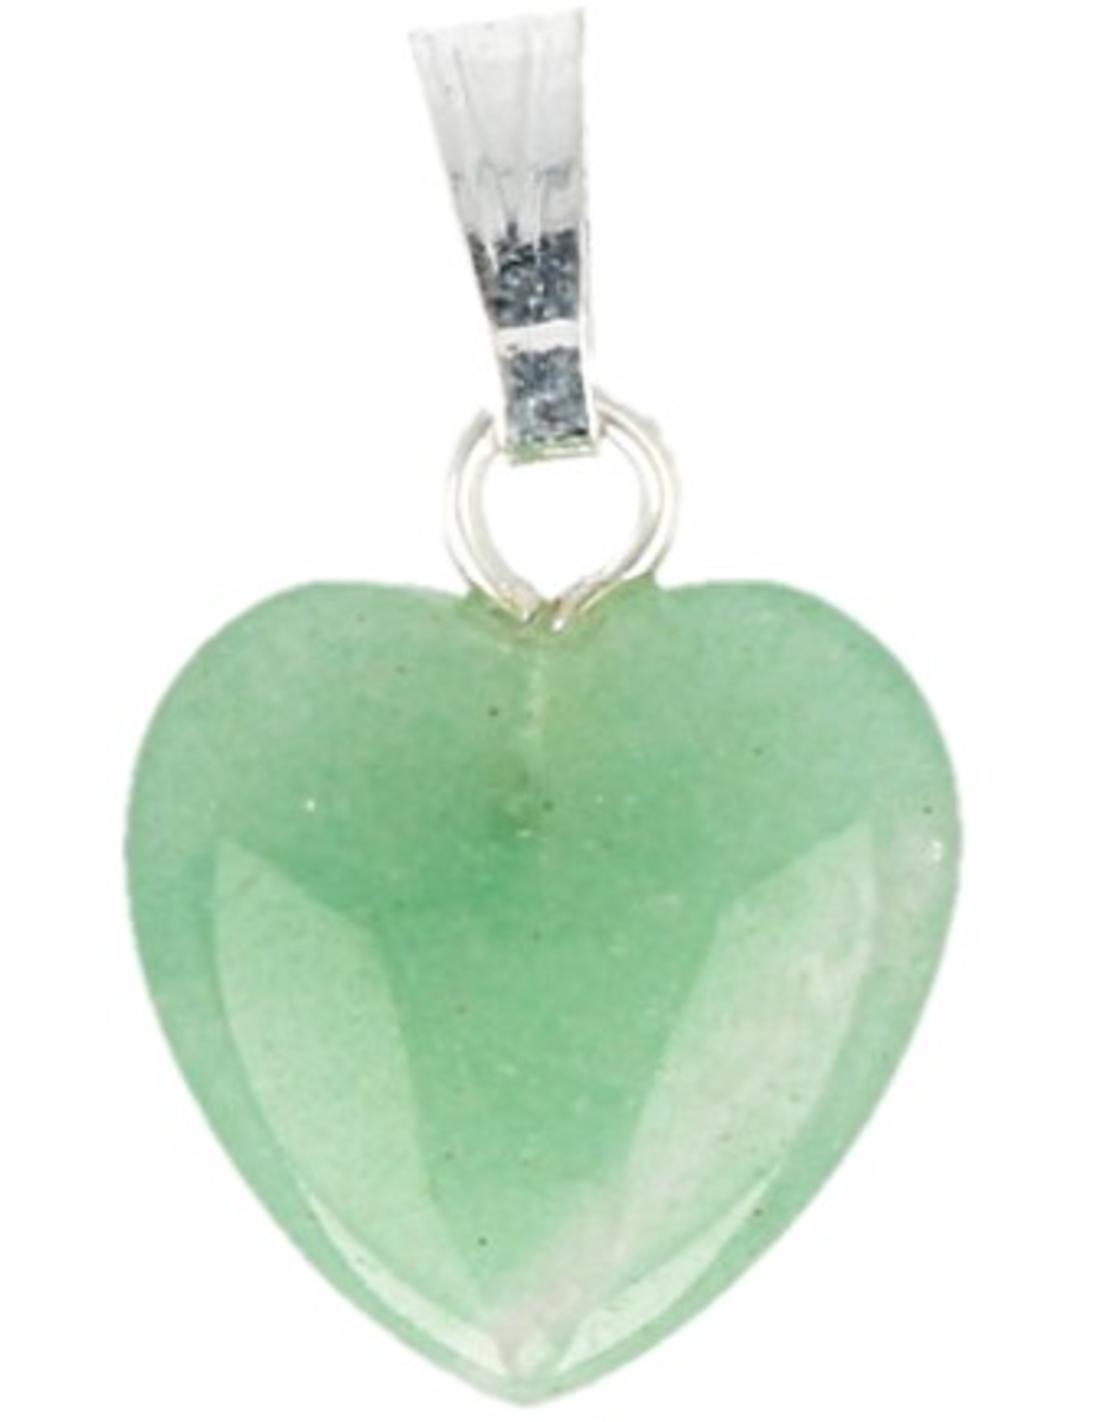 Aventurijn groen hart hanger 12 mm